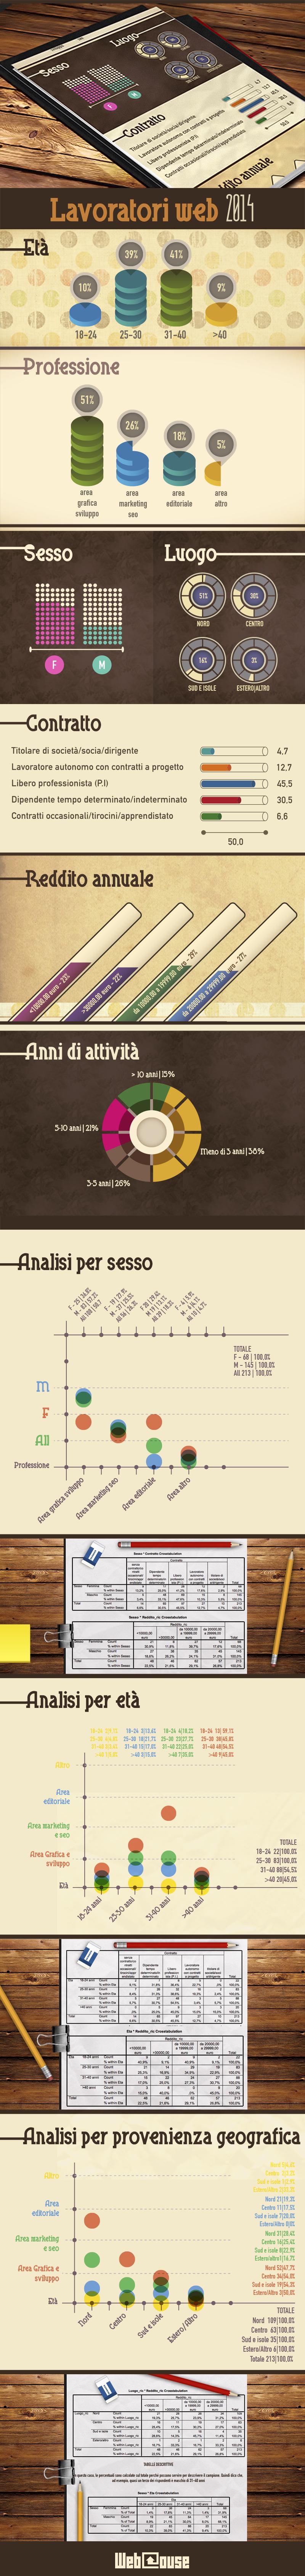 Risultati Sondaggio Guadagno Lavoratori Web 2014